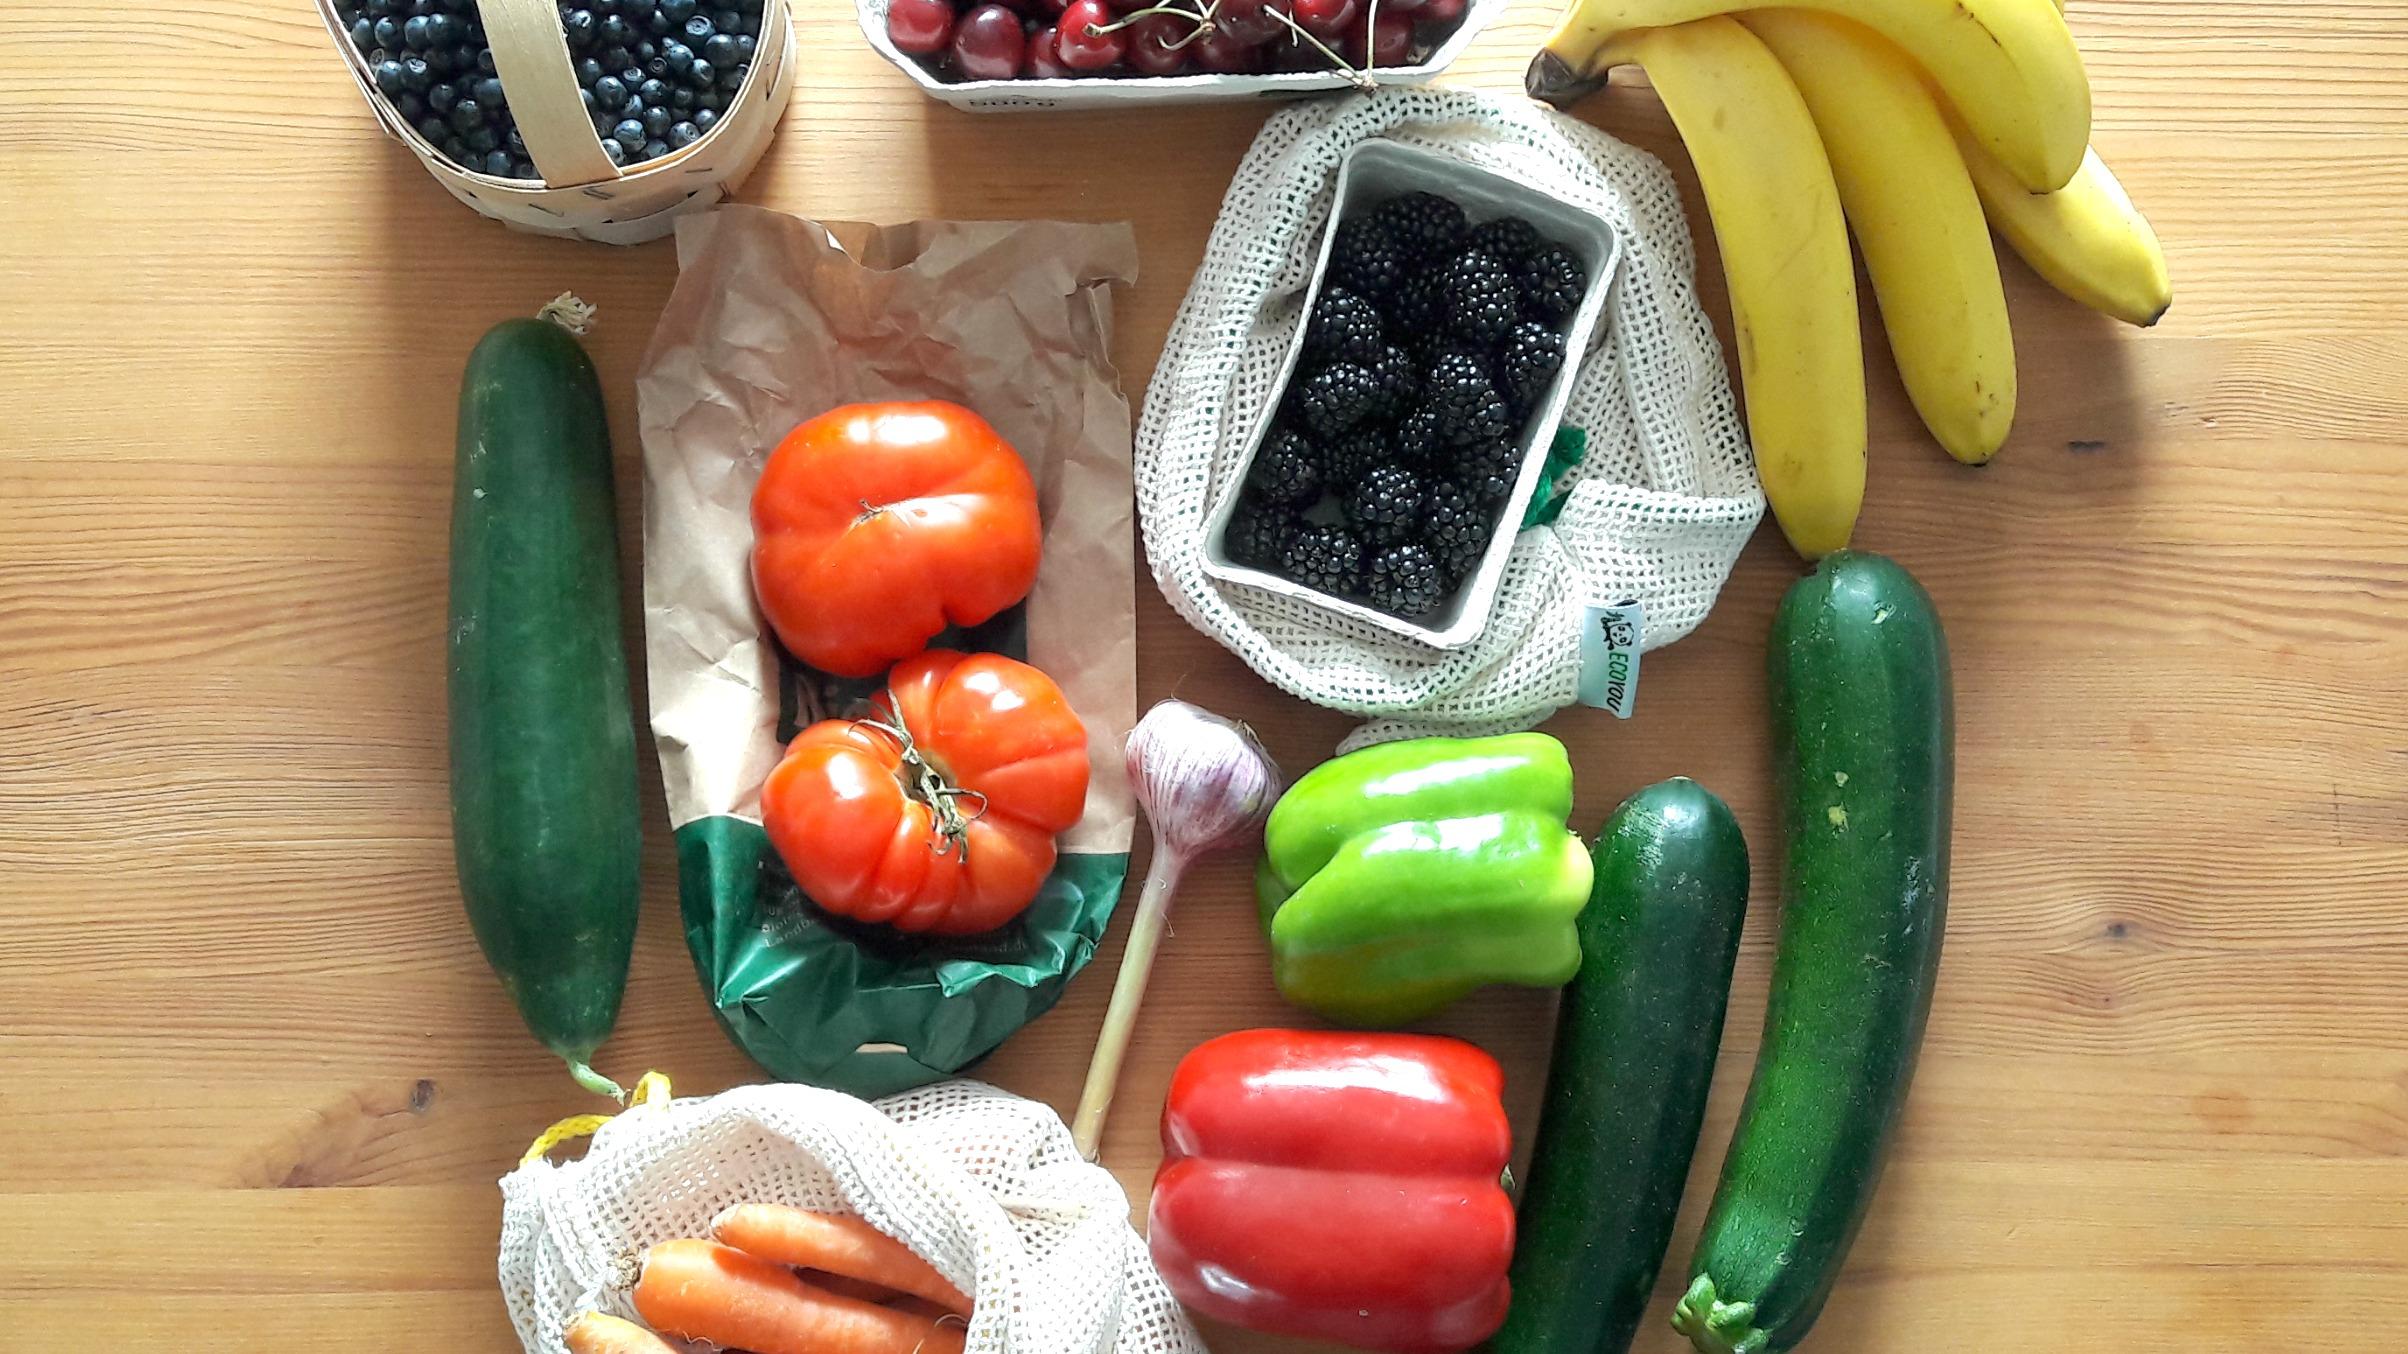 GemüseObstunverpackt.jpg